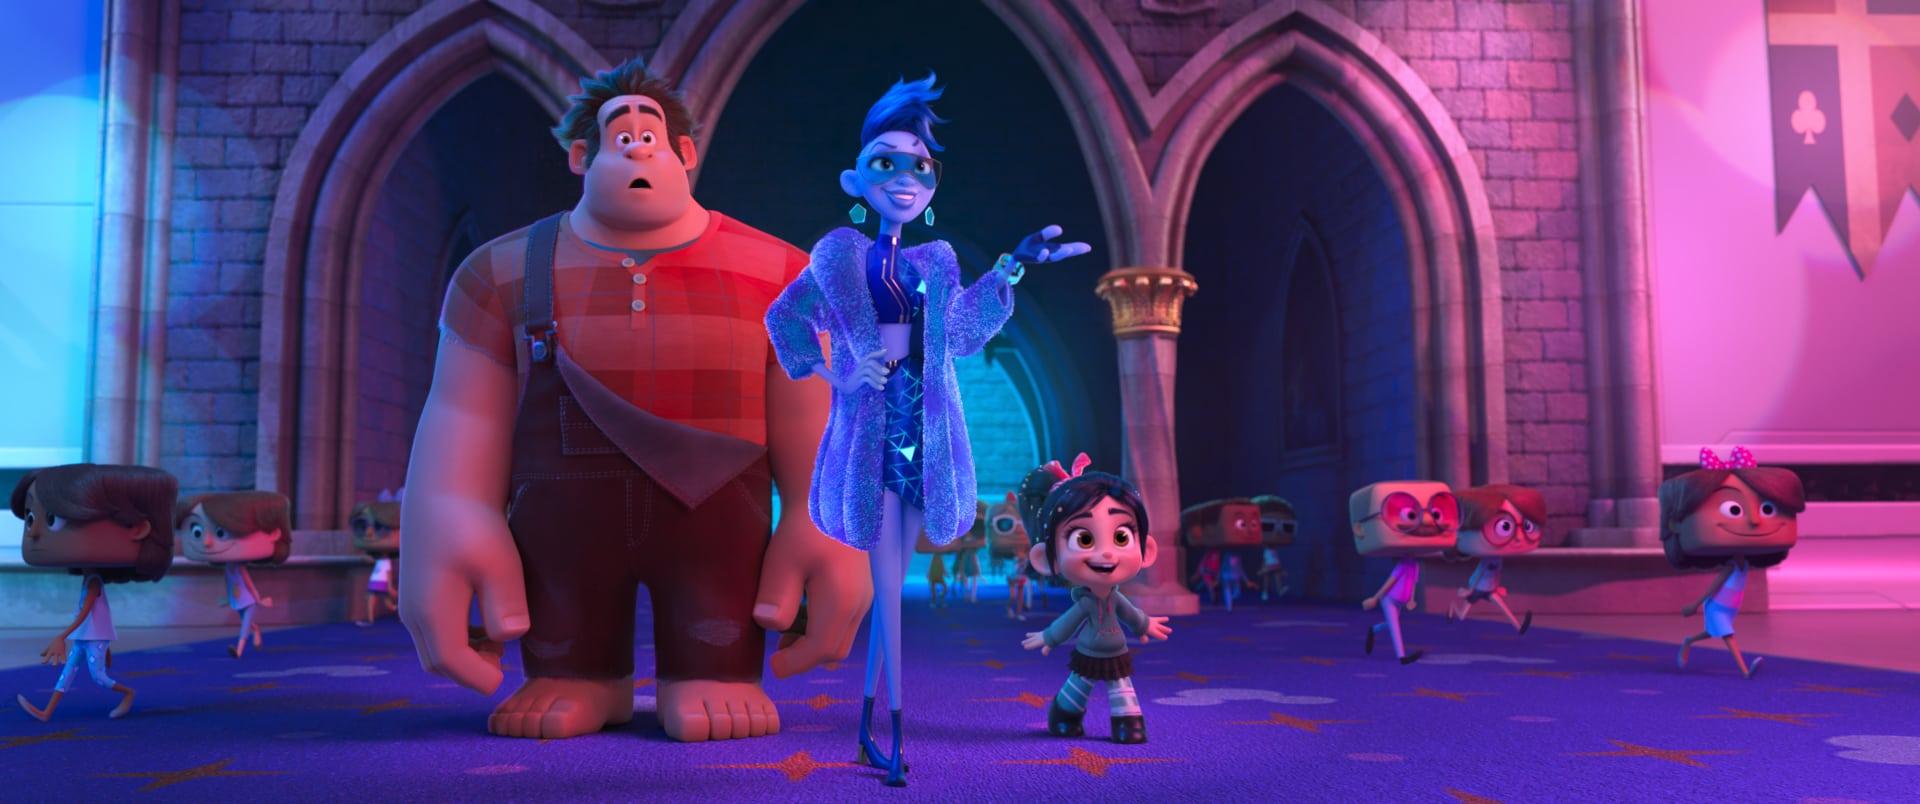 elículas de Animación 2018 (Disney - Pixar) - Ralph rompe Internet